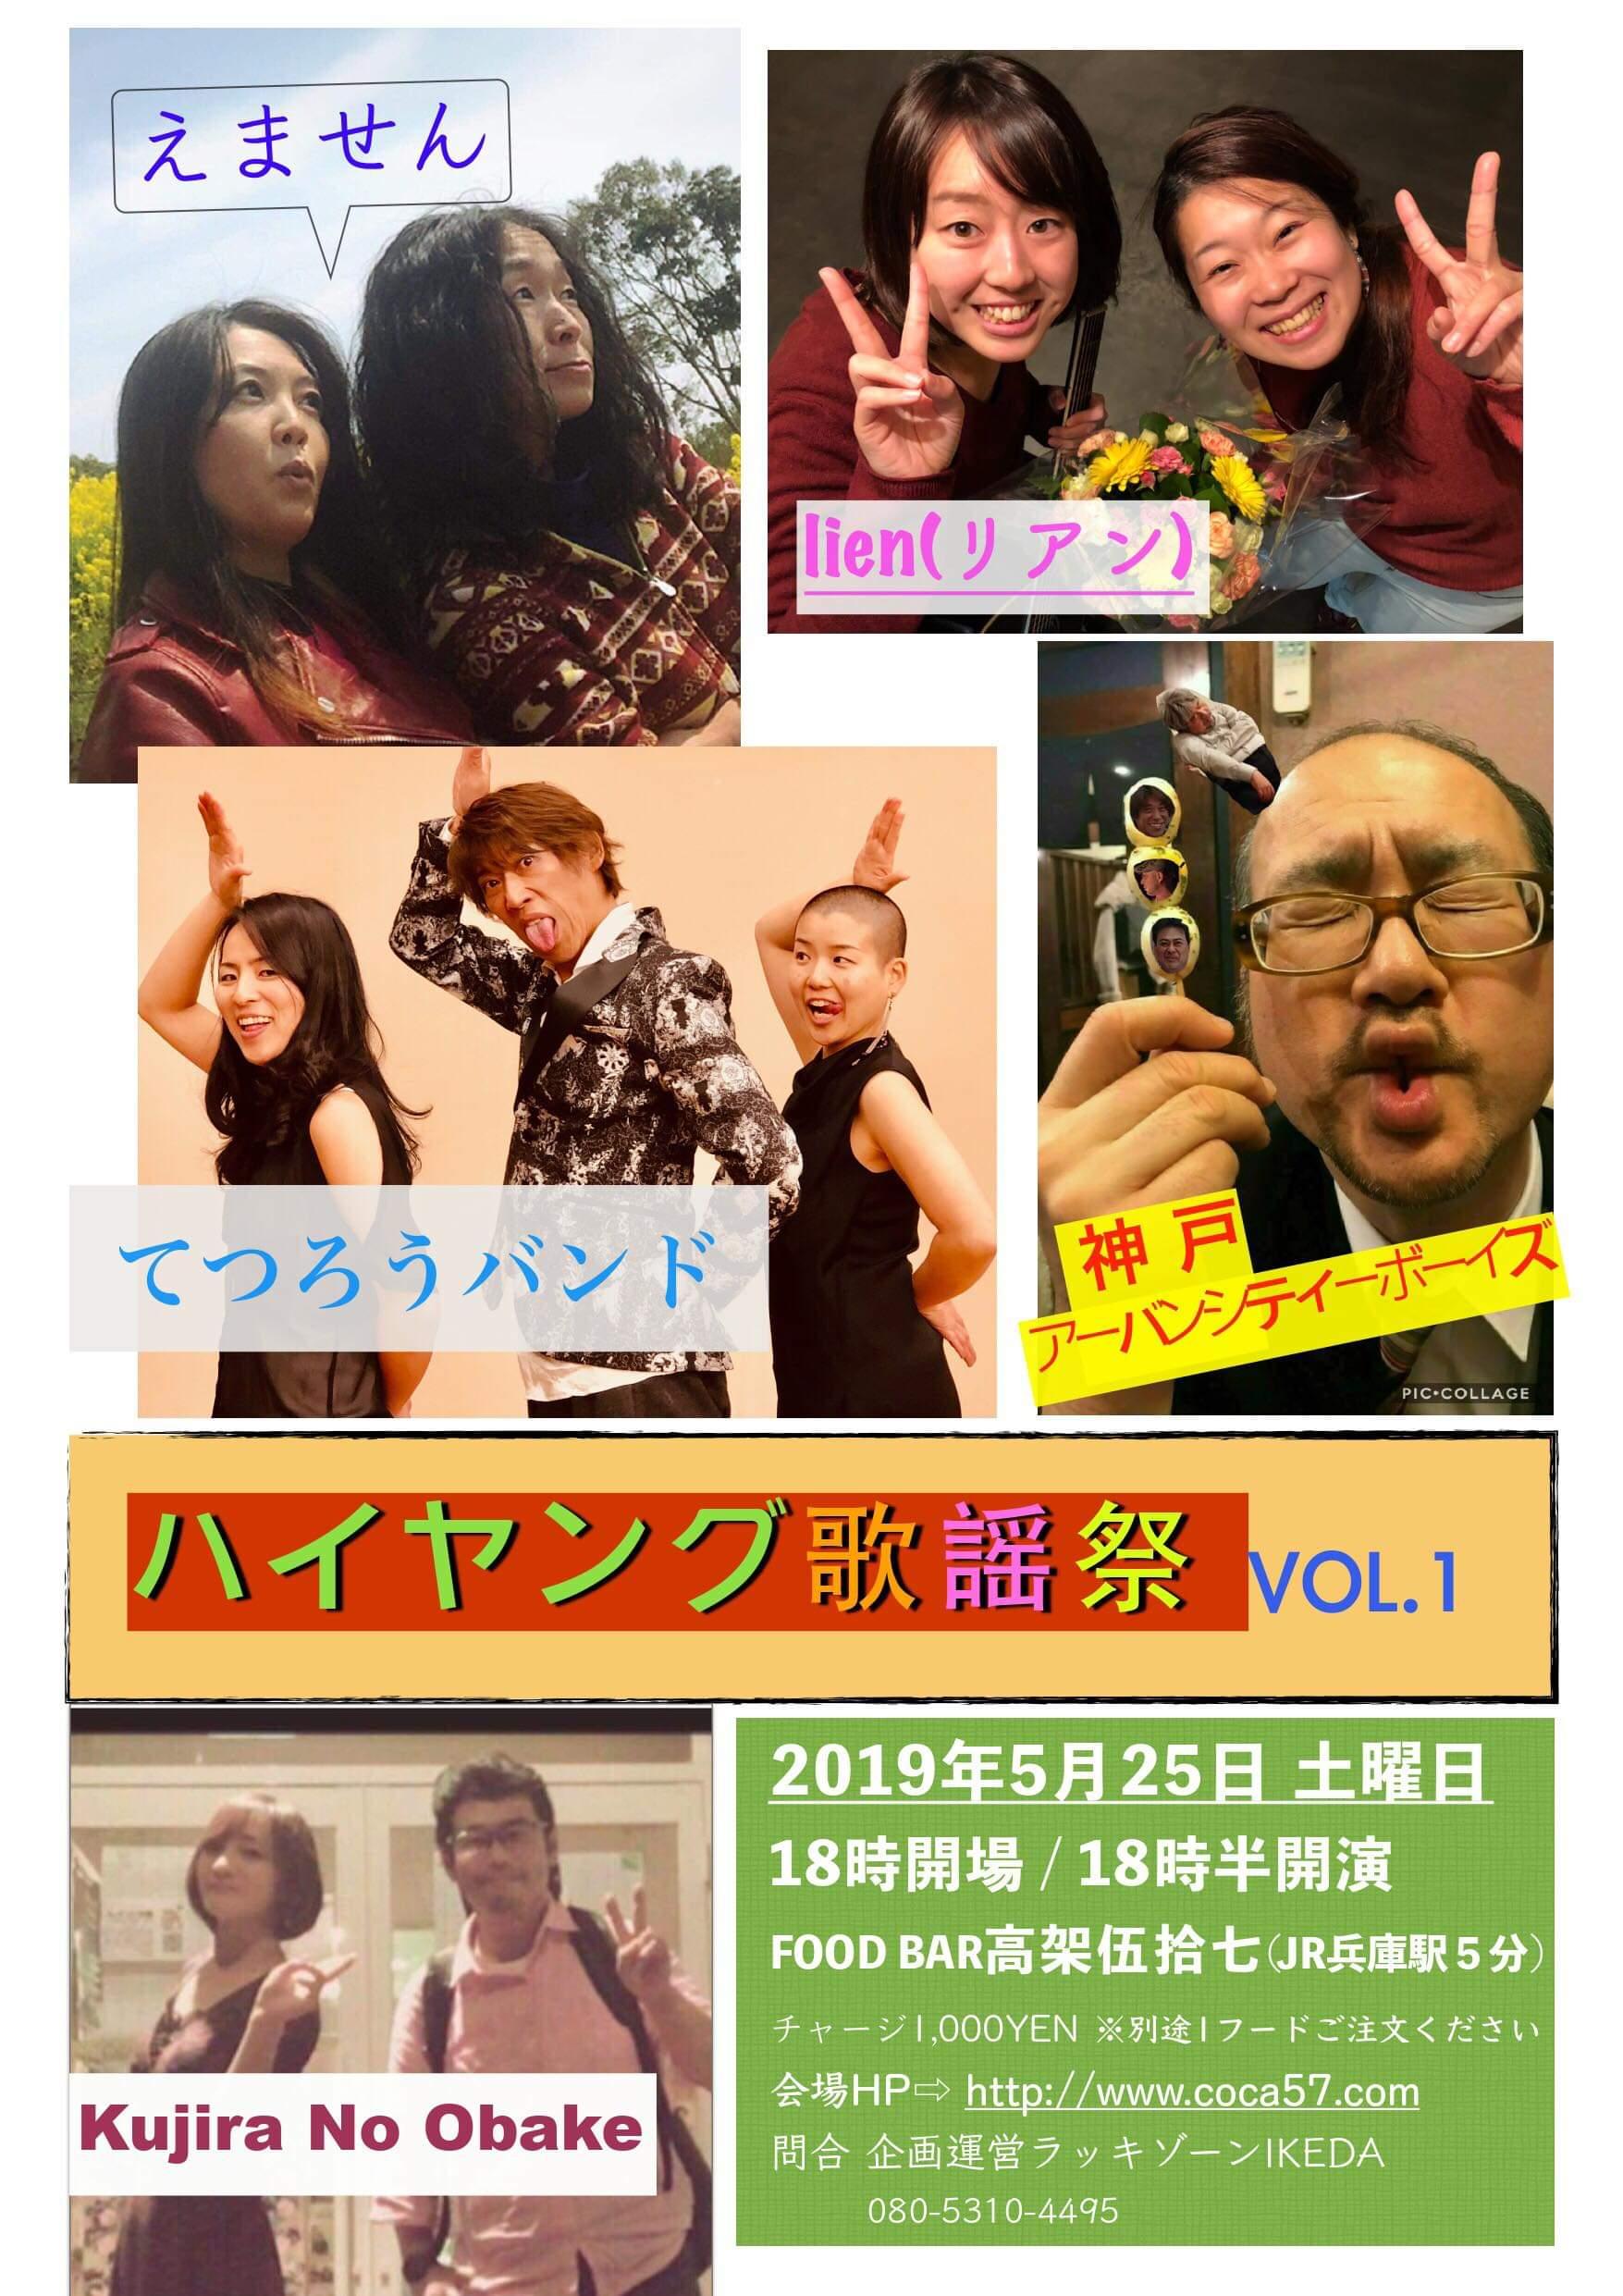 ハイヤング歌謡祭Vol.1 18時開場